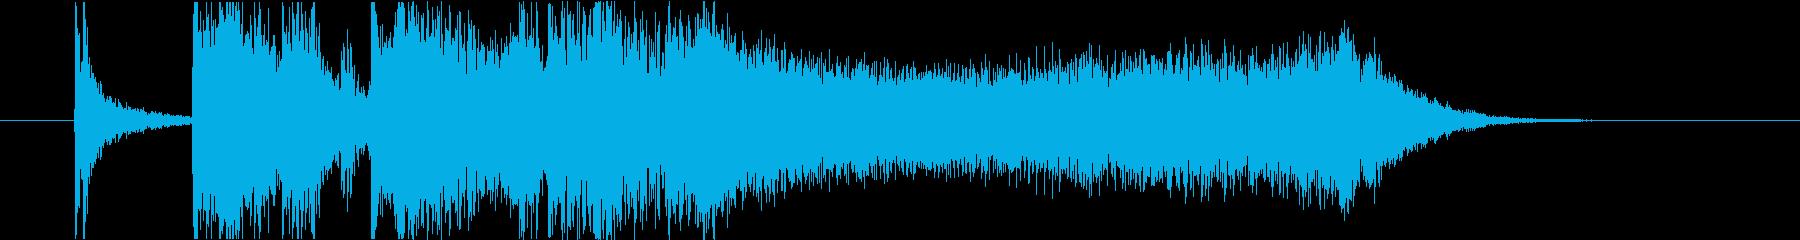 流麗なストリングスが特徴のジングルの再生済みの波形